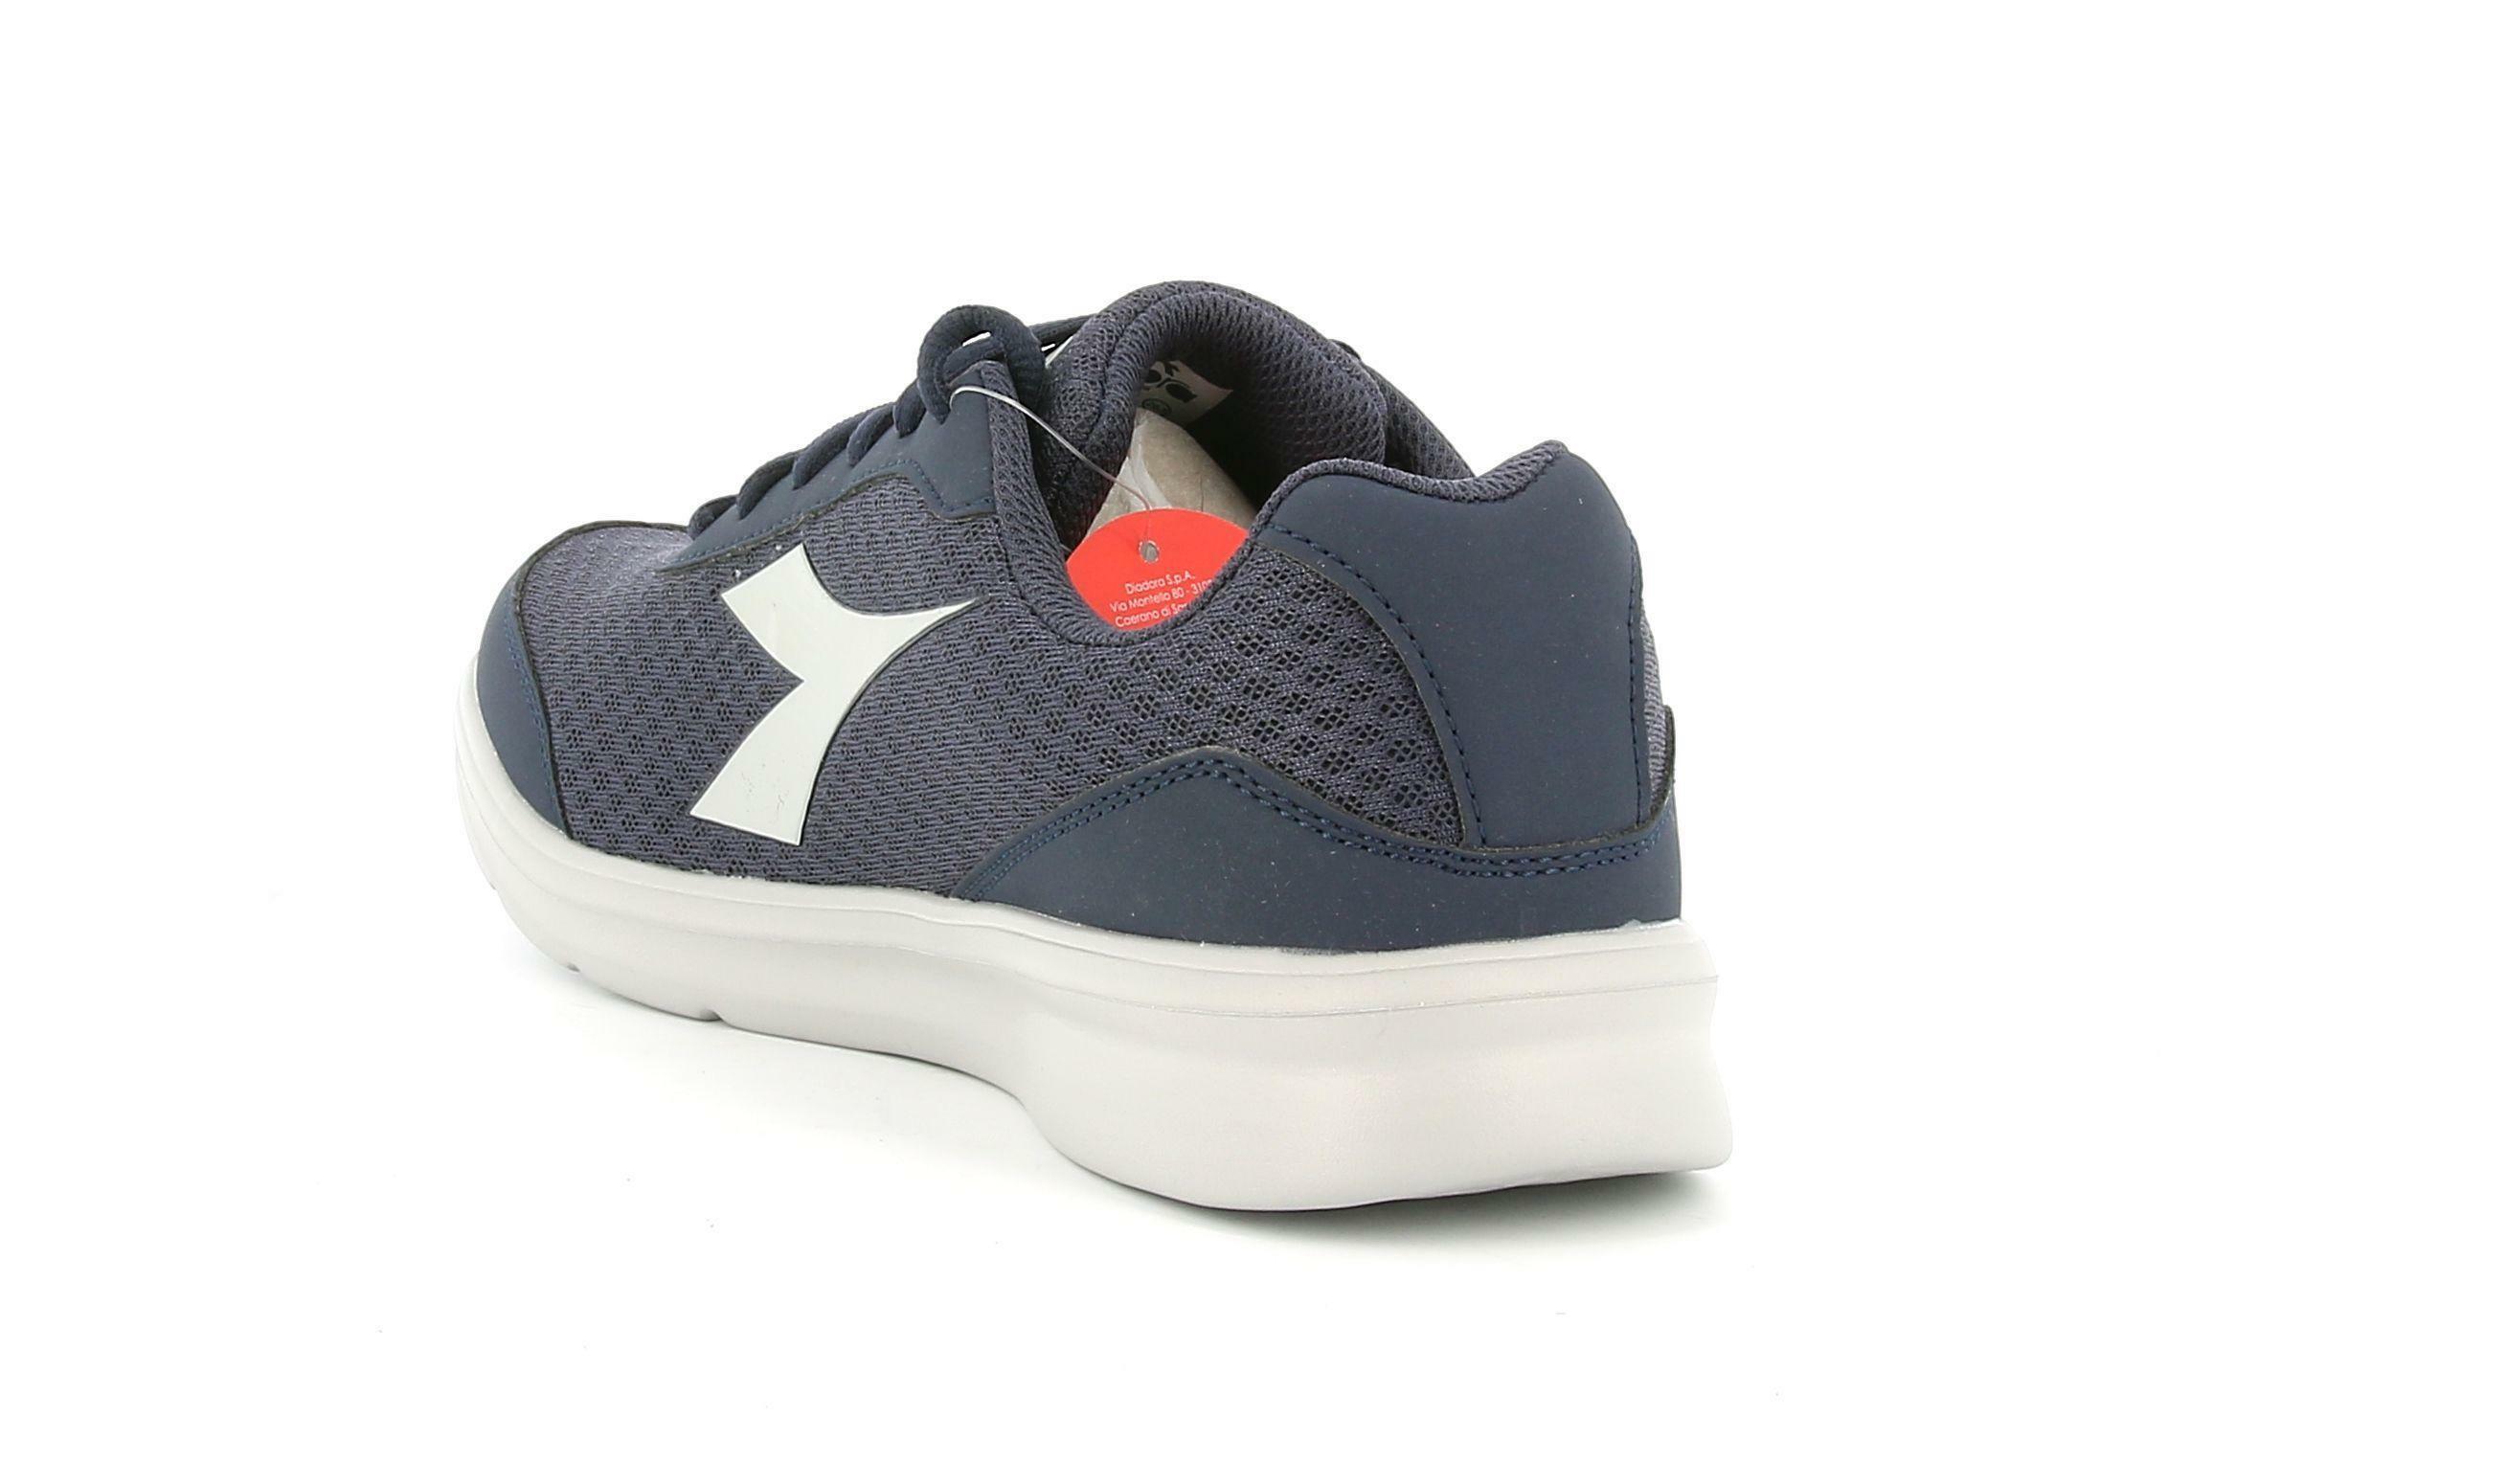 diadora diadora - scarpa da running robin per uomo robin blu corsaro/argento  175949 blu